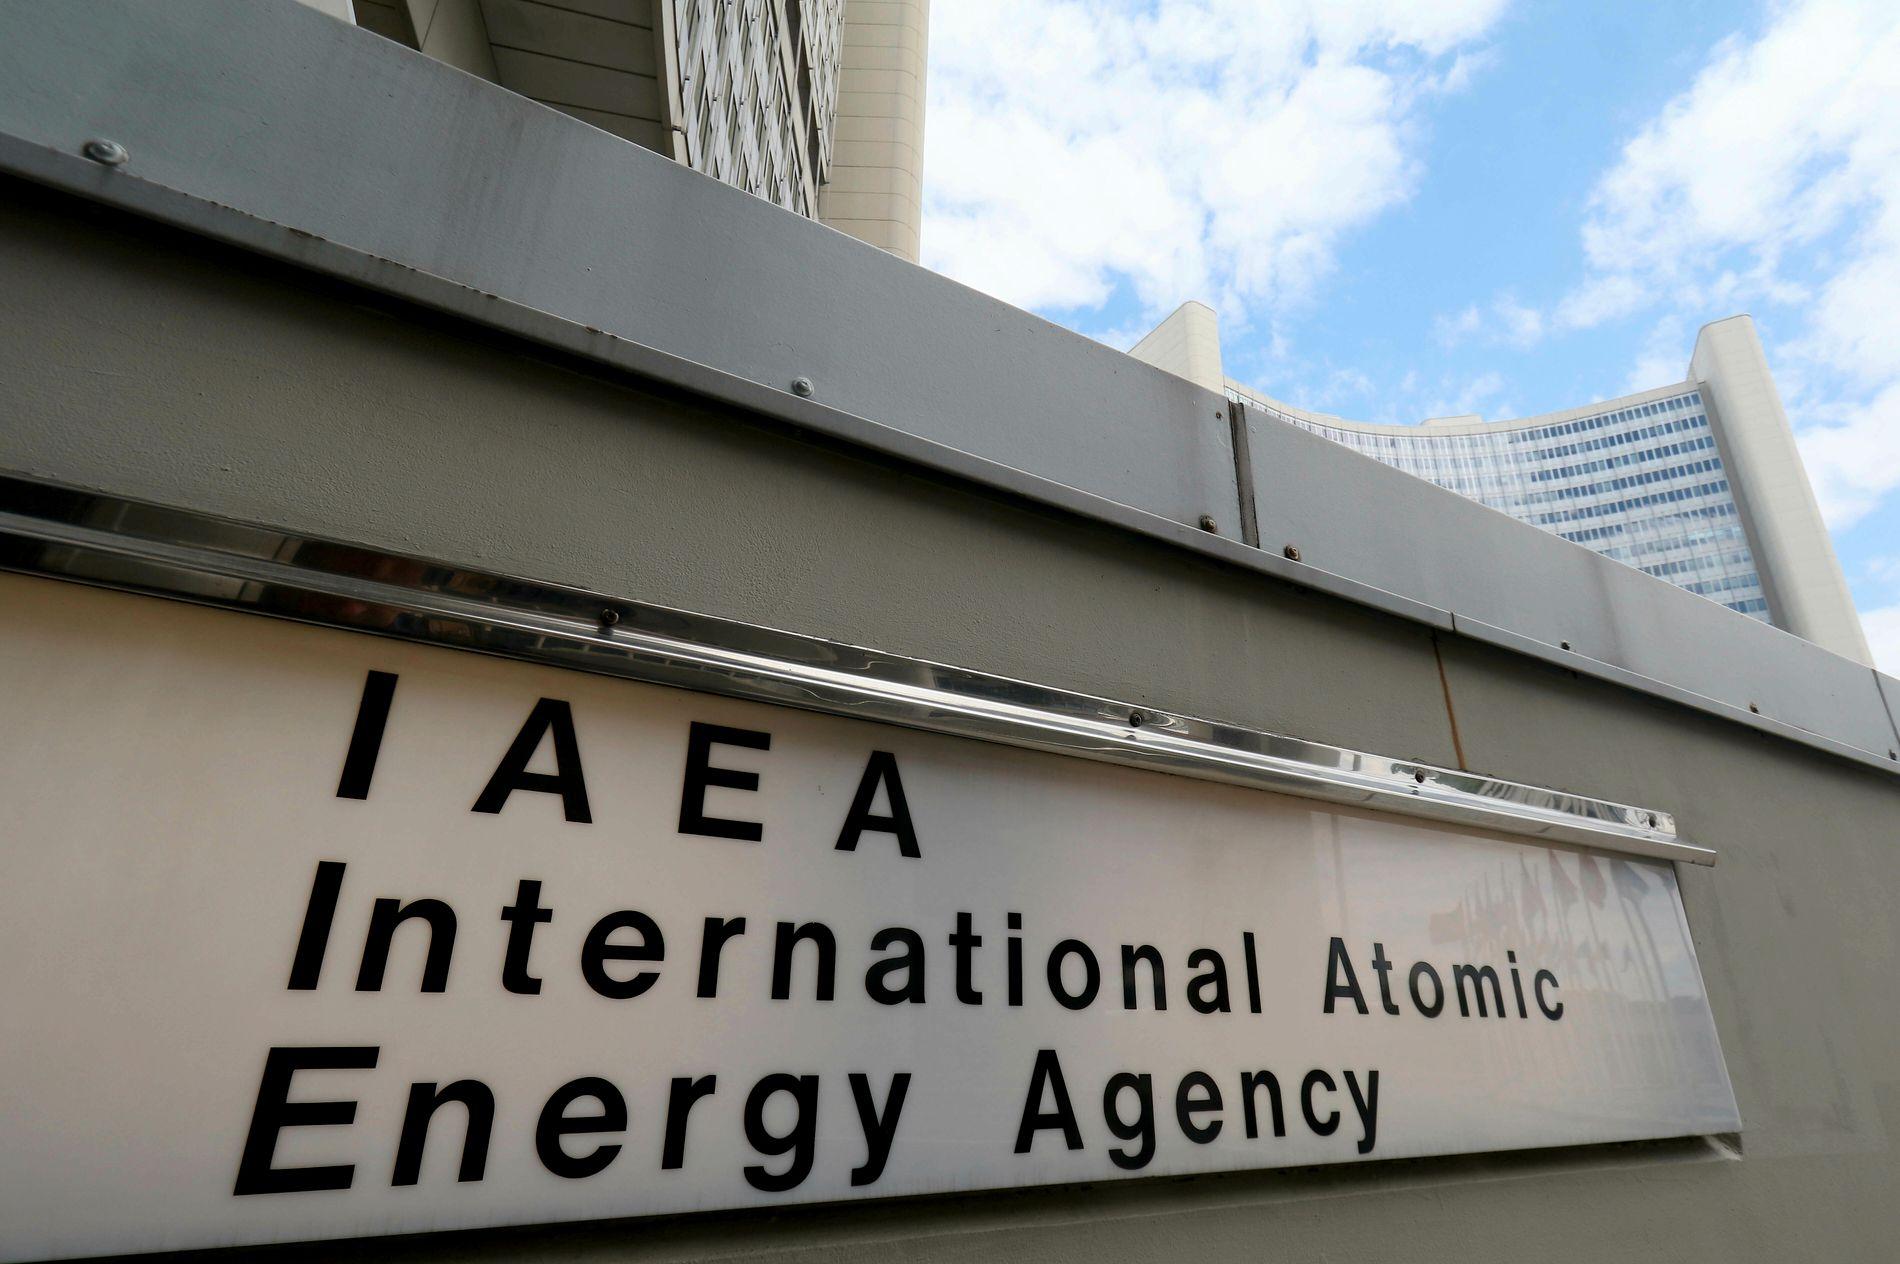 OVERVÅKER: Det er IAEA som har ansvaret for å overvåke Irans oppfølging av den vaklende atomavtalen.